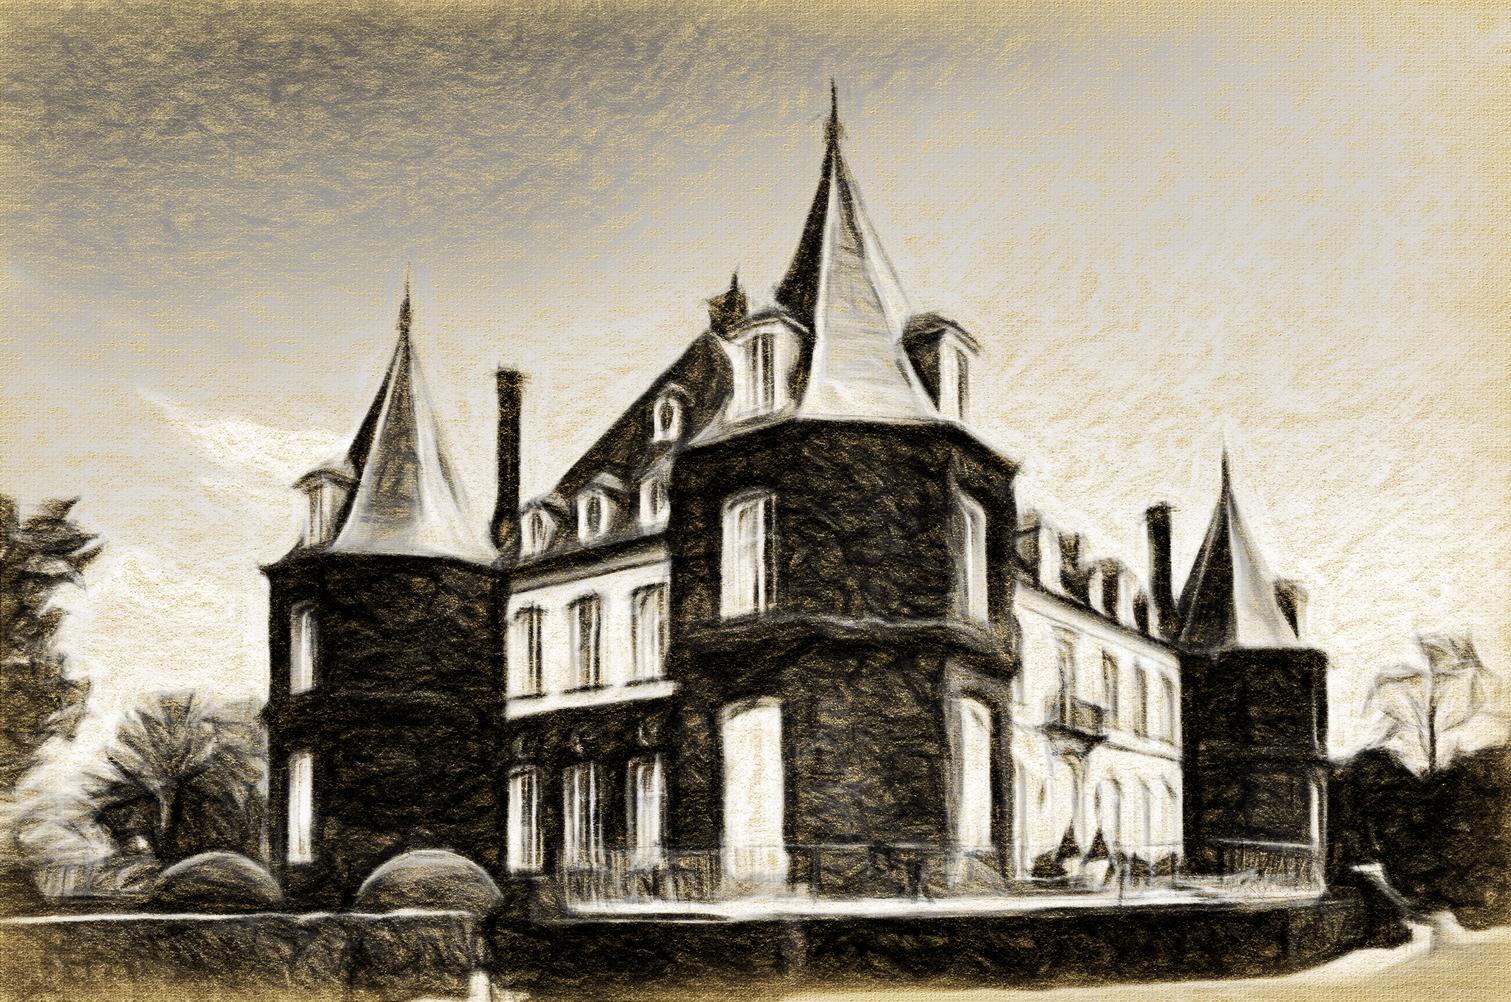 Laure_Van_De_Meele_photo_stylisée_du_Château_de_la_Hulpe_B